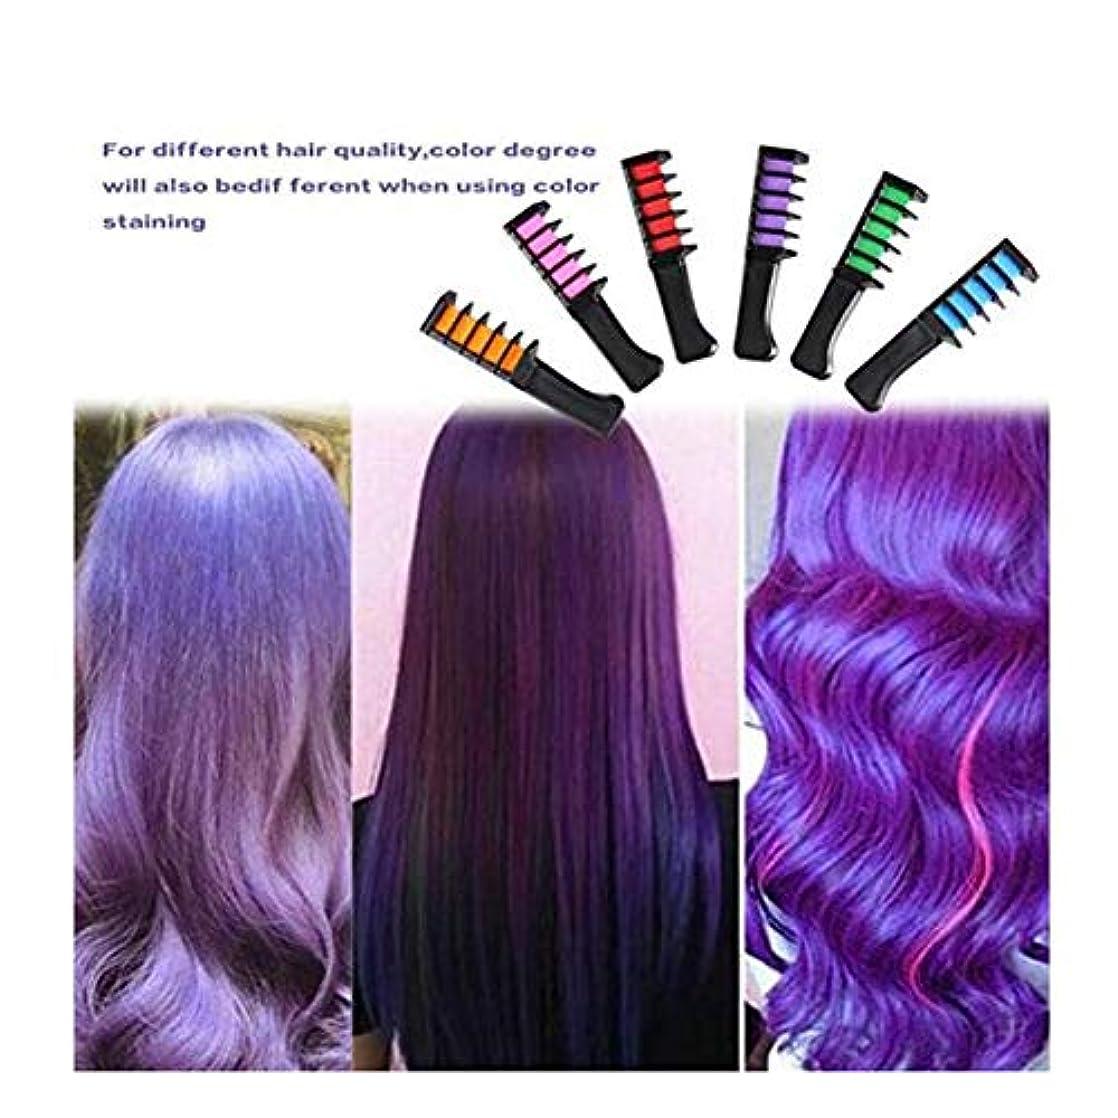 飼料形容詞廃止するヘアチョーク、ヘアペイント一時的な非毒性洗える髪の色の櫛の髪染料の誕生日プレゼントクリスマスパーティーハロウィーンDIY(6色)